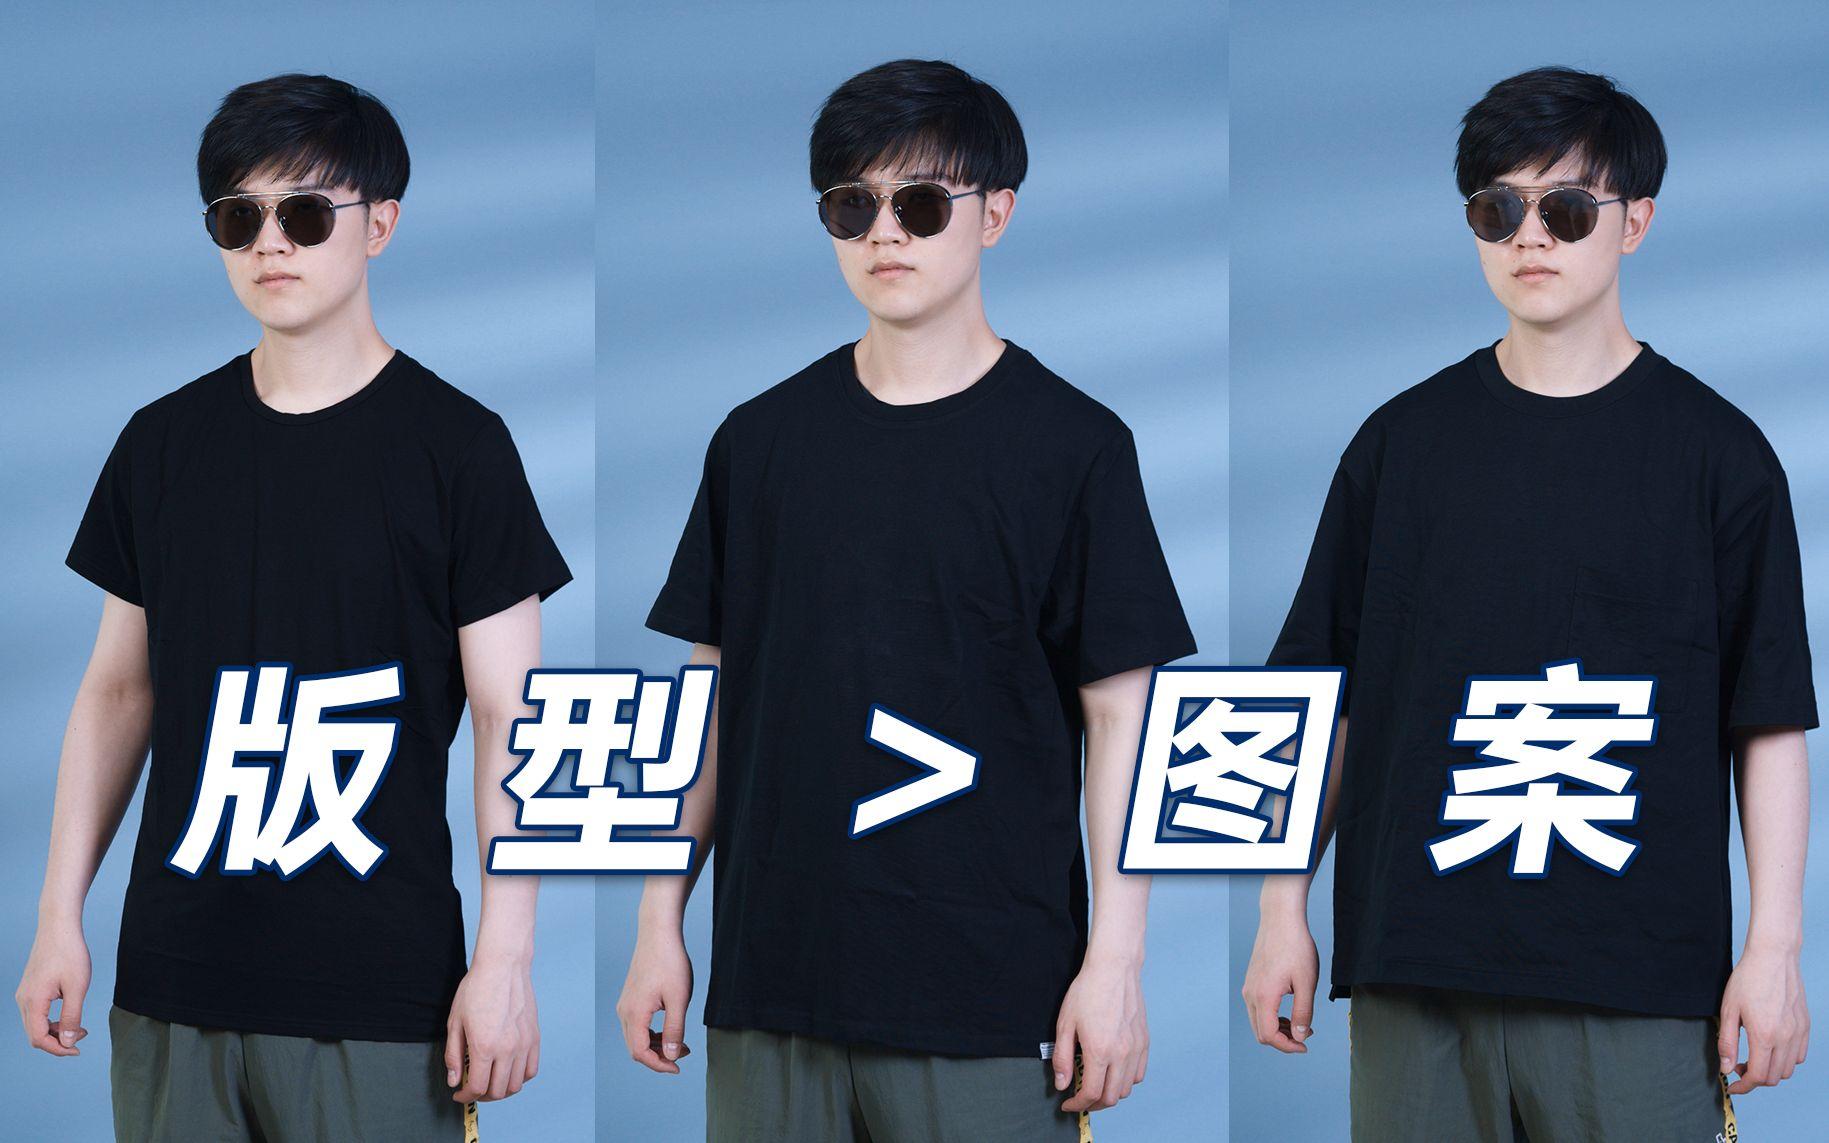 版型对衣服有多重要?13件纯色T恤上身效果对比